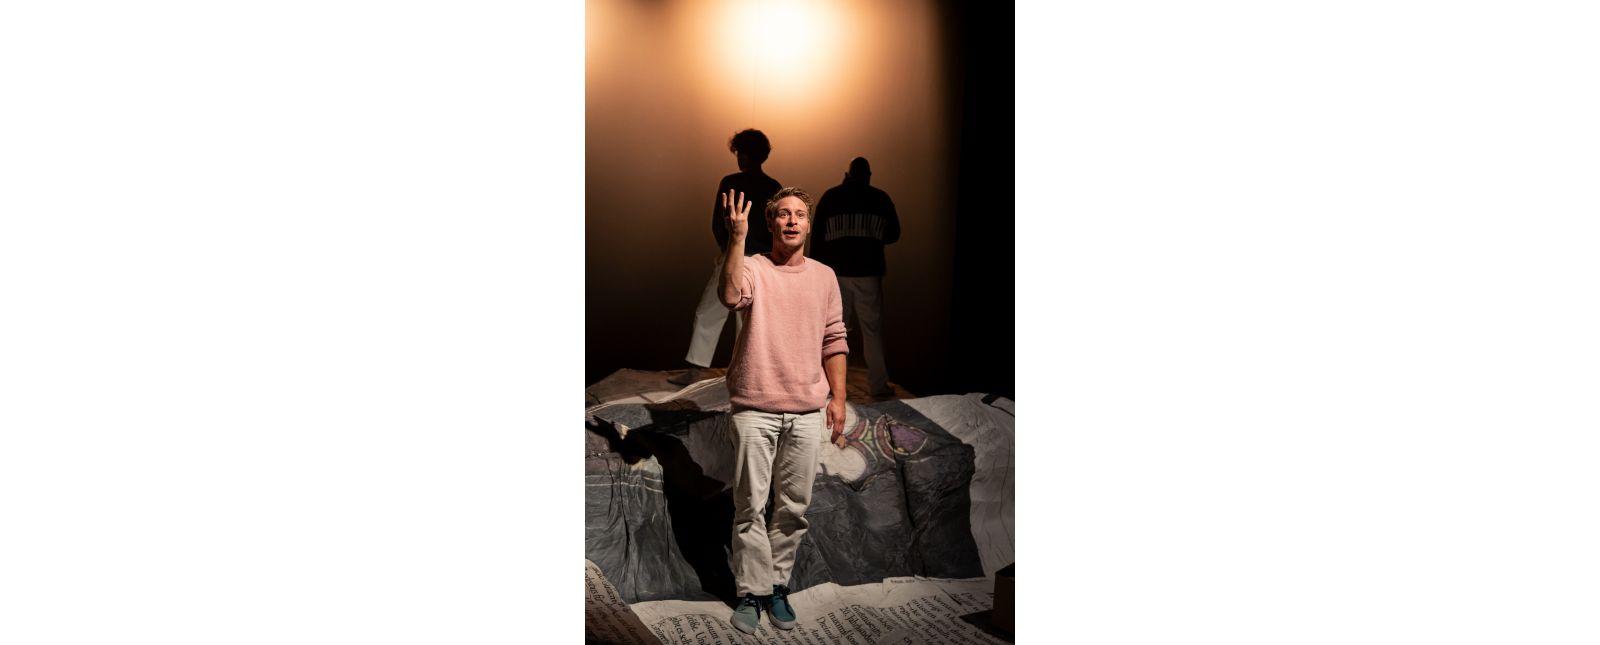 NUR DAS BESTE // Martin Hohner / Im Hintergrund: Moritz Peschke und Holger Kunkel // 2020 // Laura Nickel